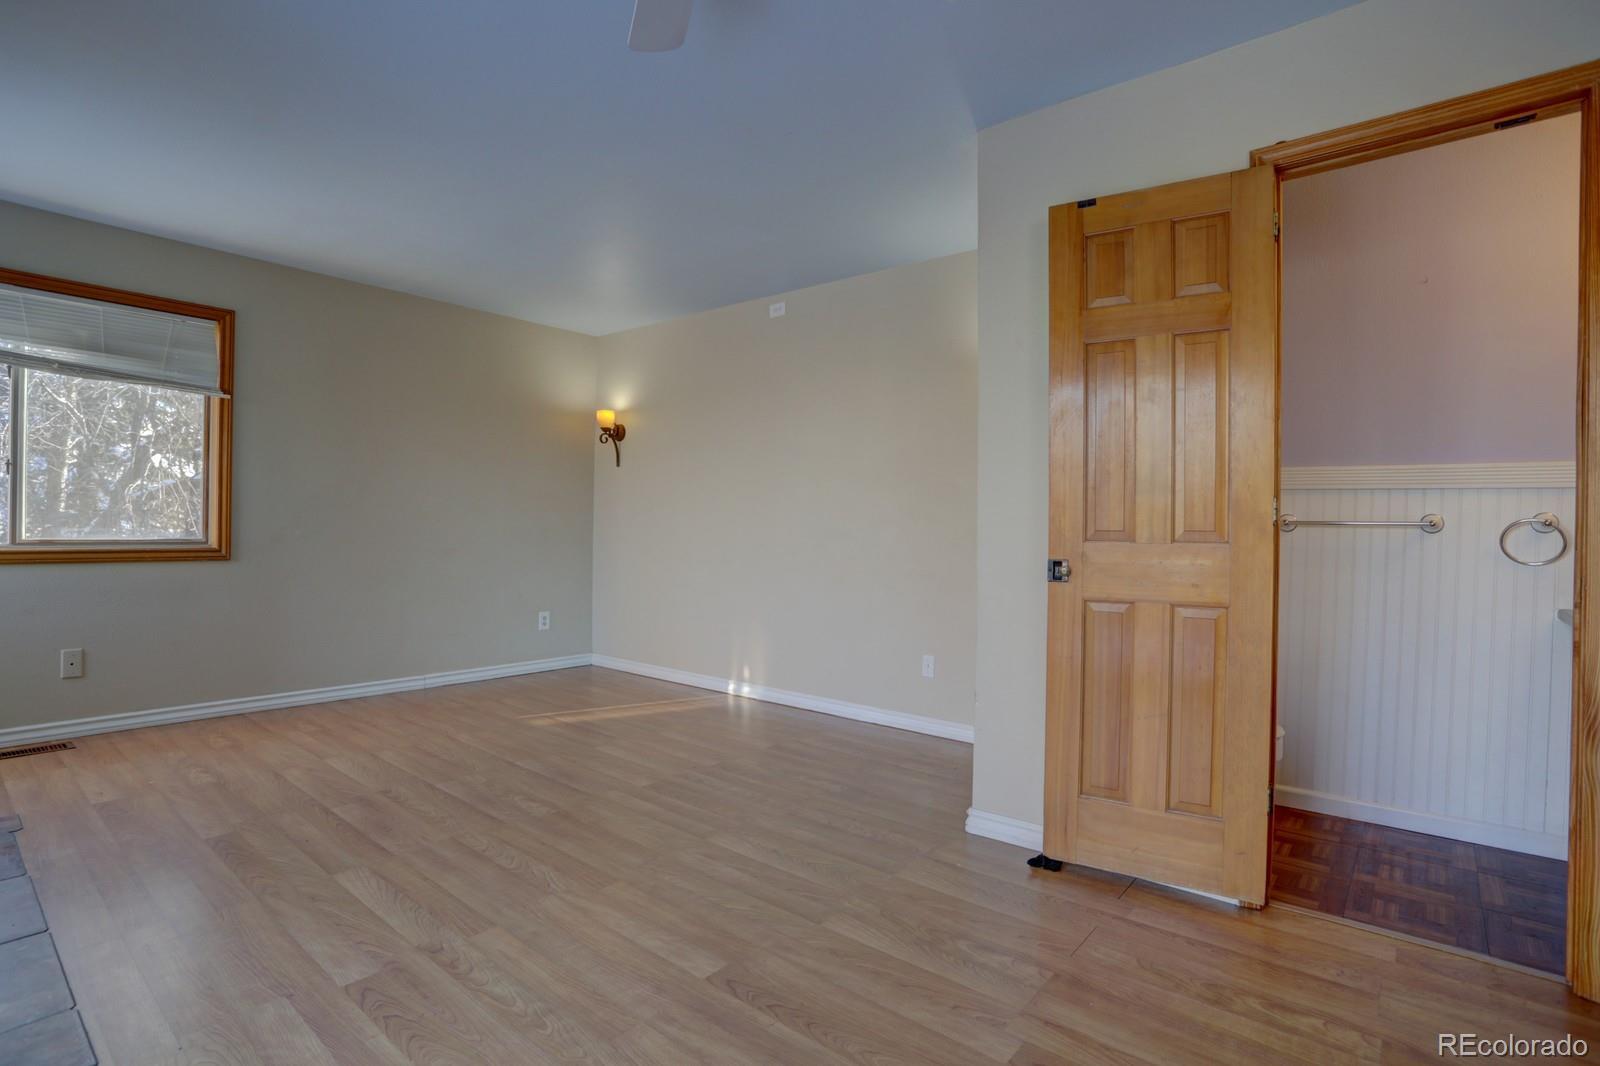 MLS# 5345837 - 11 - 5740 Slick Rock Court, Boulder, CO 80301